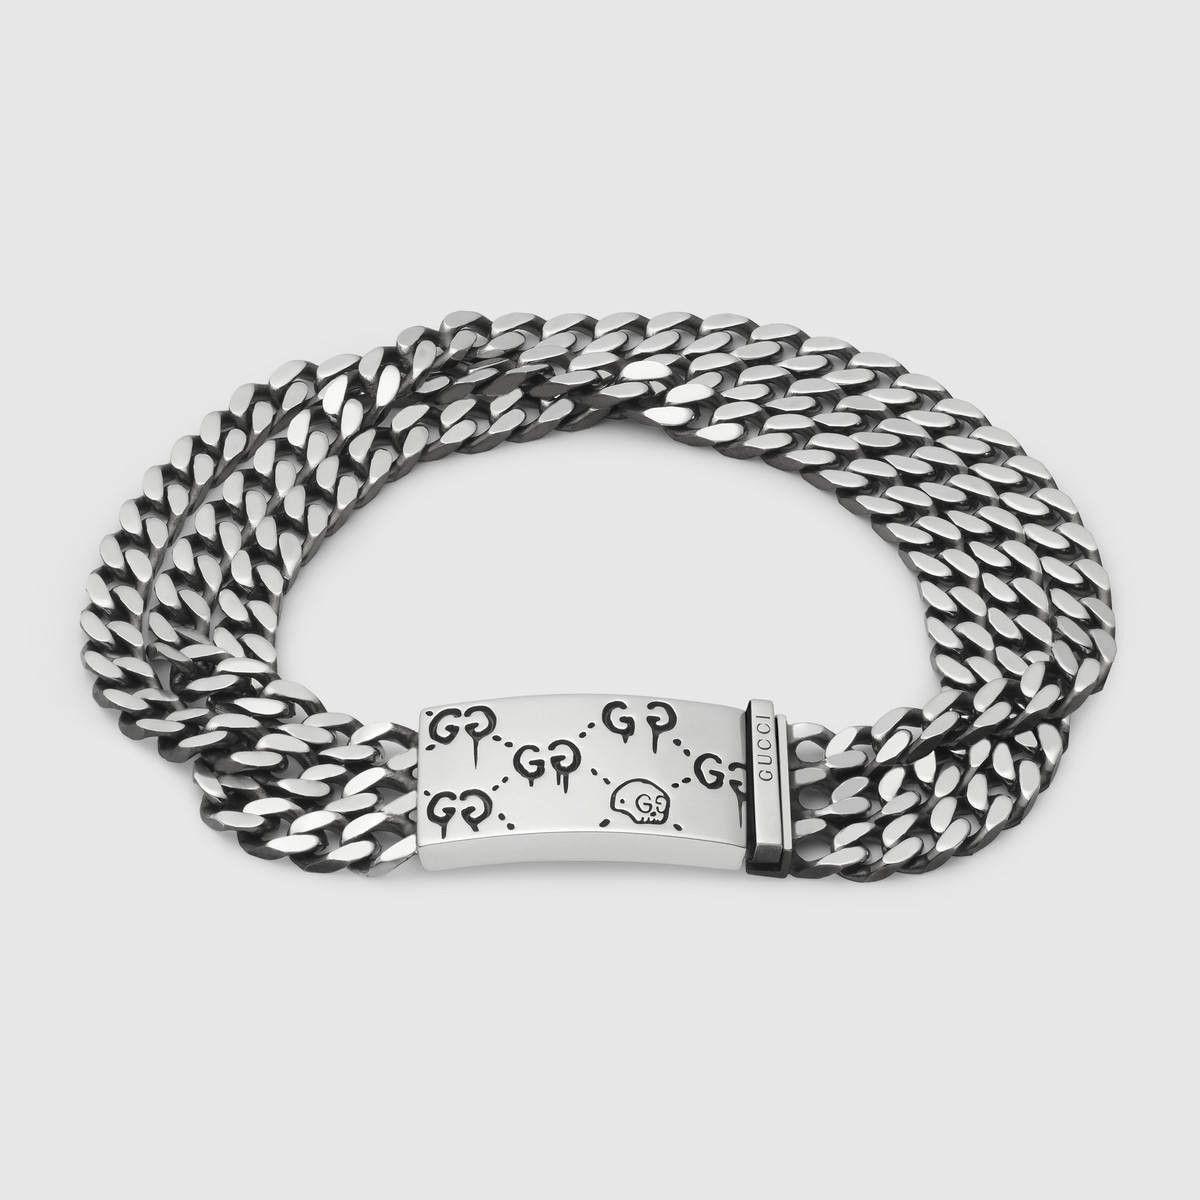 998484f21 GUCCI GucciGhost multi chain bracelet in silver - sterling silver. #gucci #